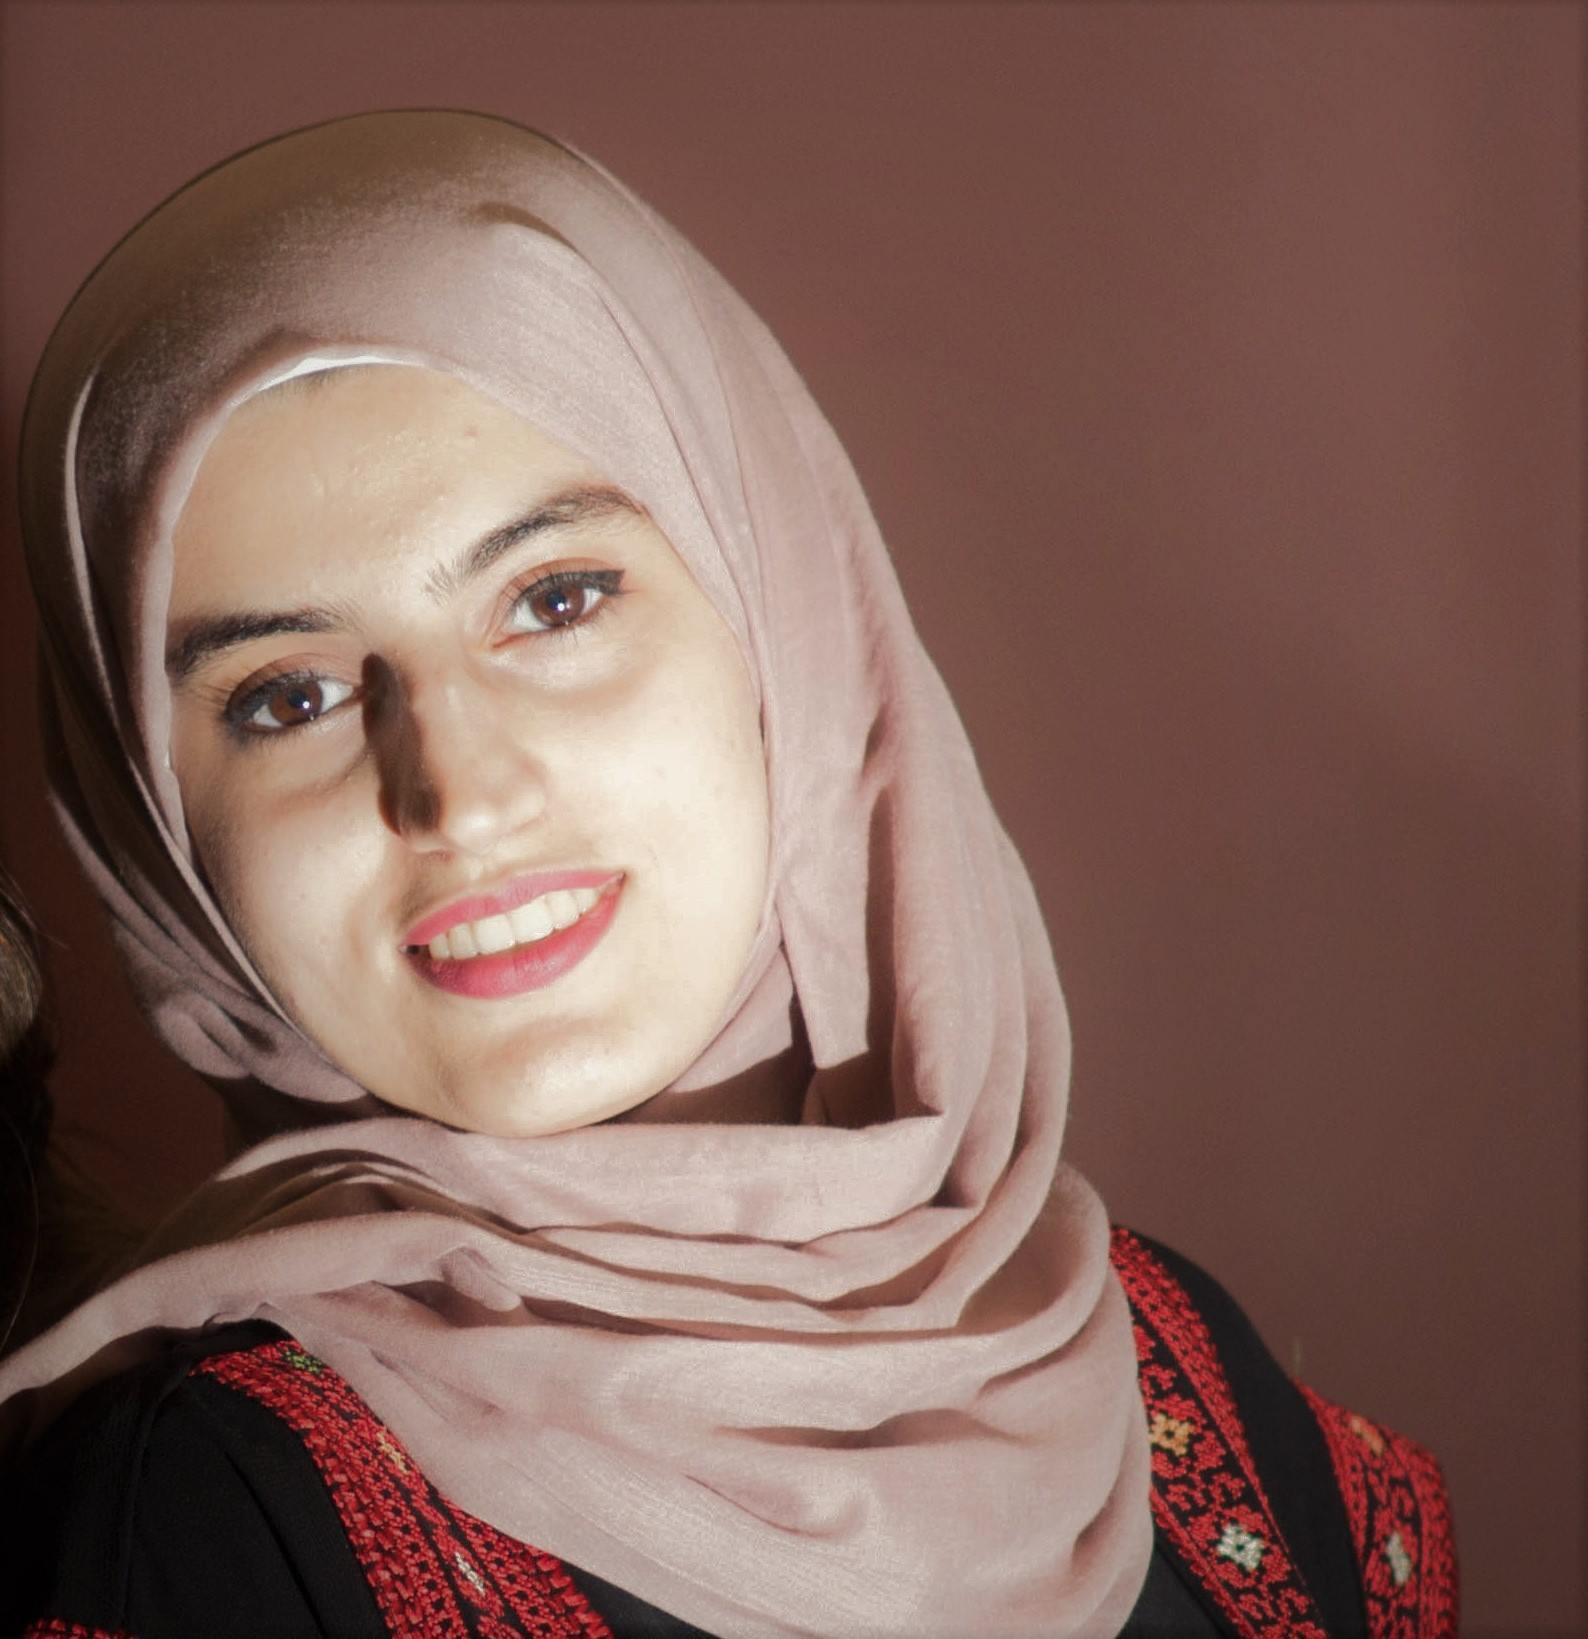 Israa Isawi